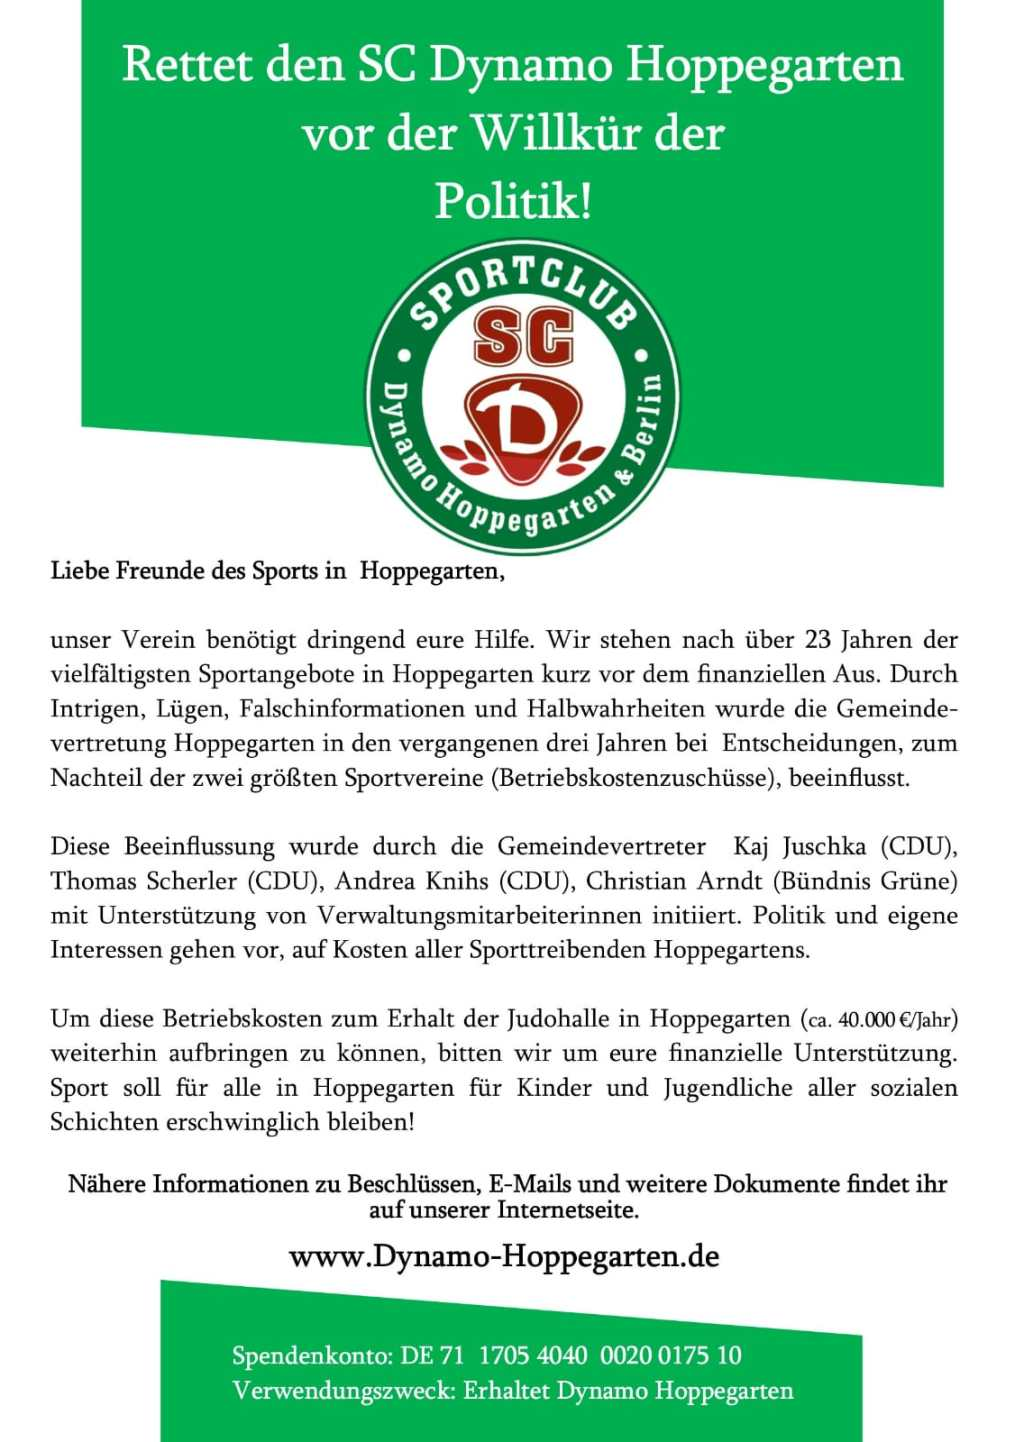 Großer Spendenaufruf für den SC Dynamo Hoppegarten